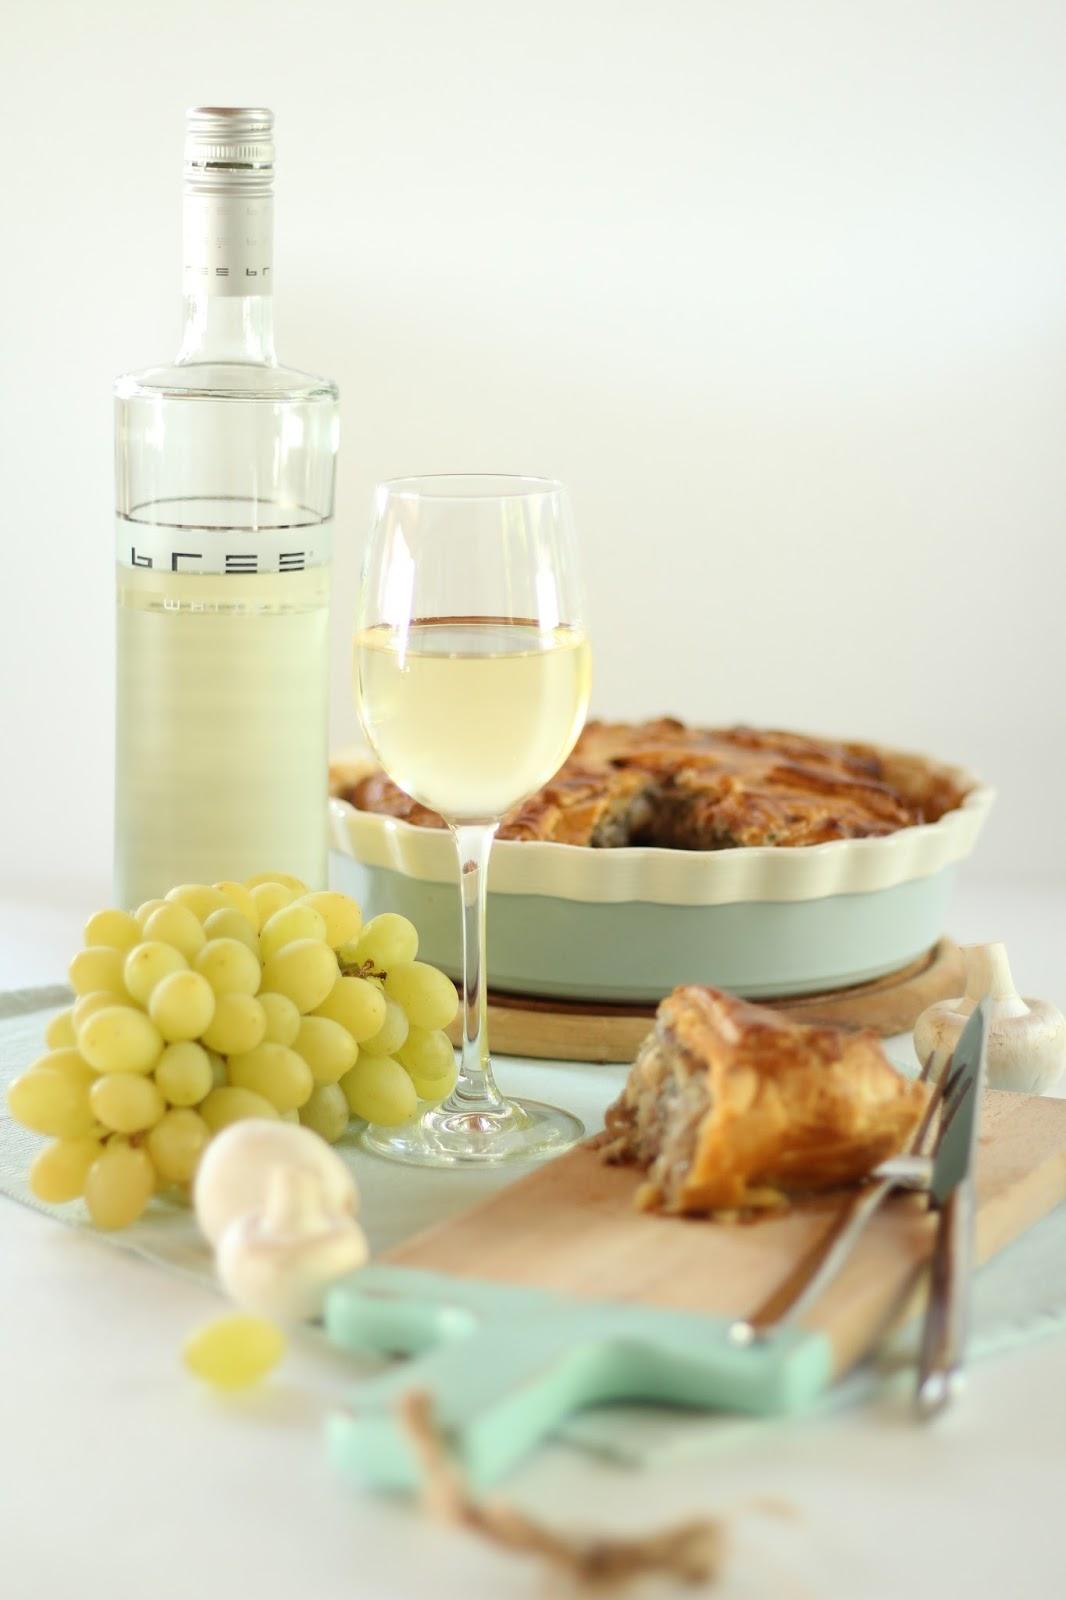 Bree Wein mit herbstlicher Winzerpastete, Weintrauben und Champignons